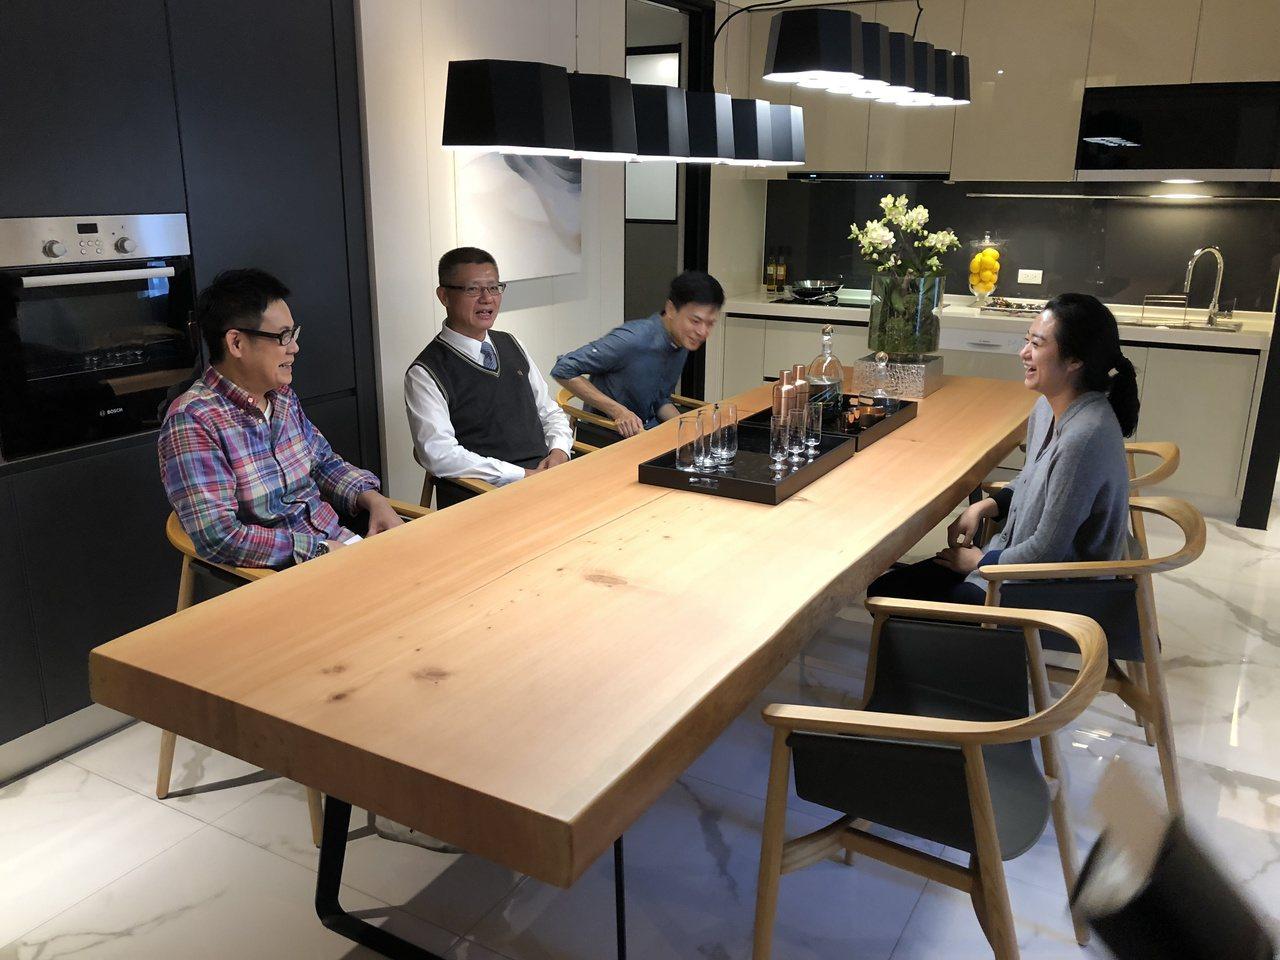 惠宇提出「長桌文化」生活提案,不是只在家中擺出一張大長桌而已,而是將空間的整體性...